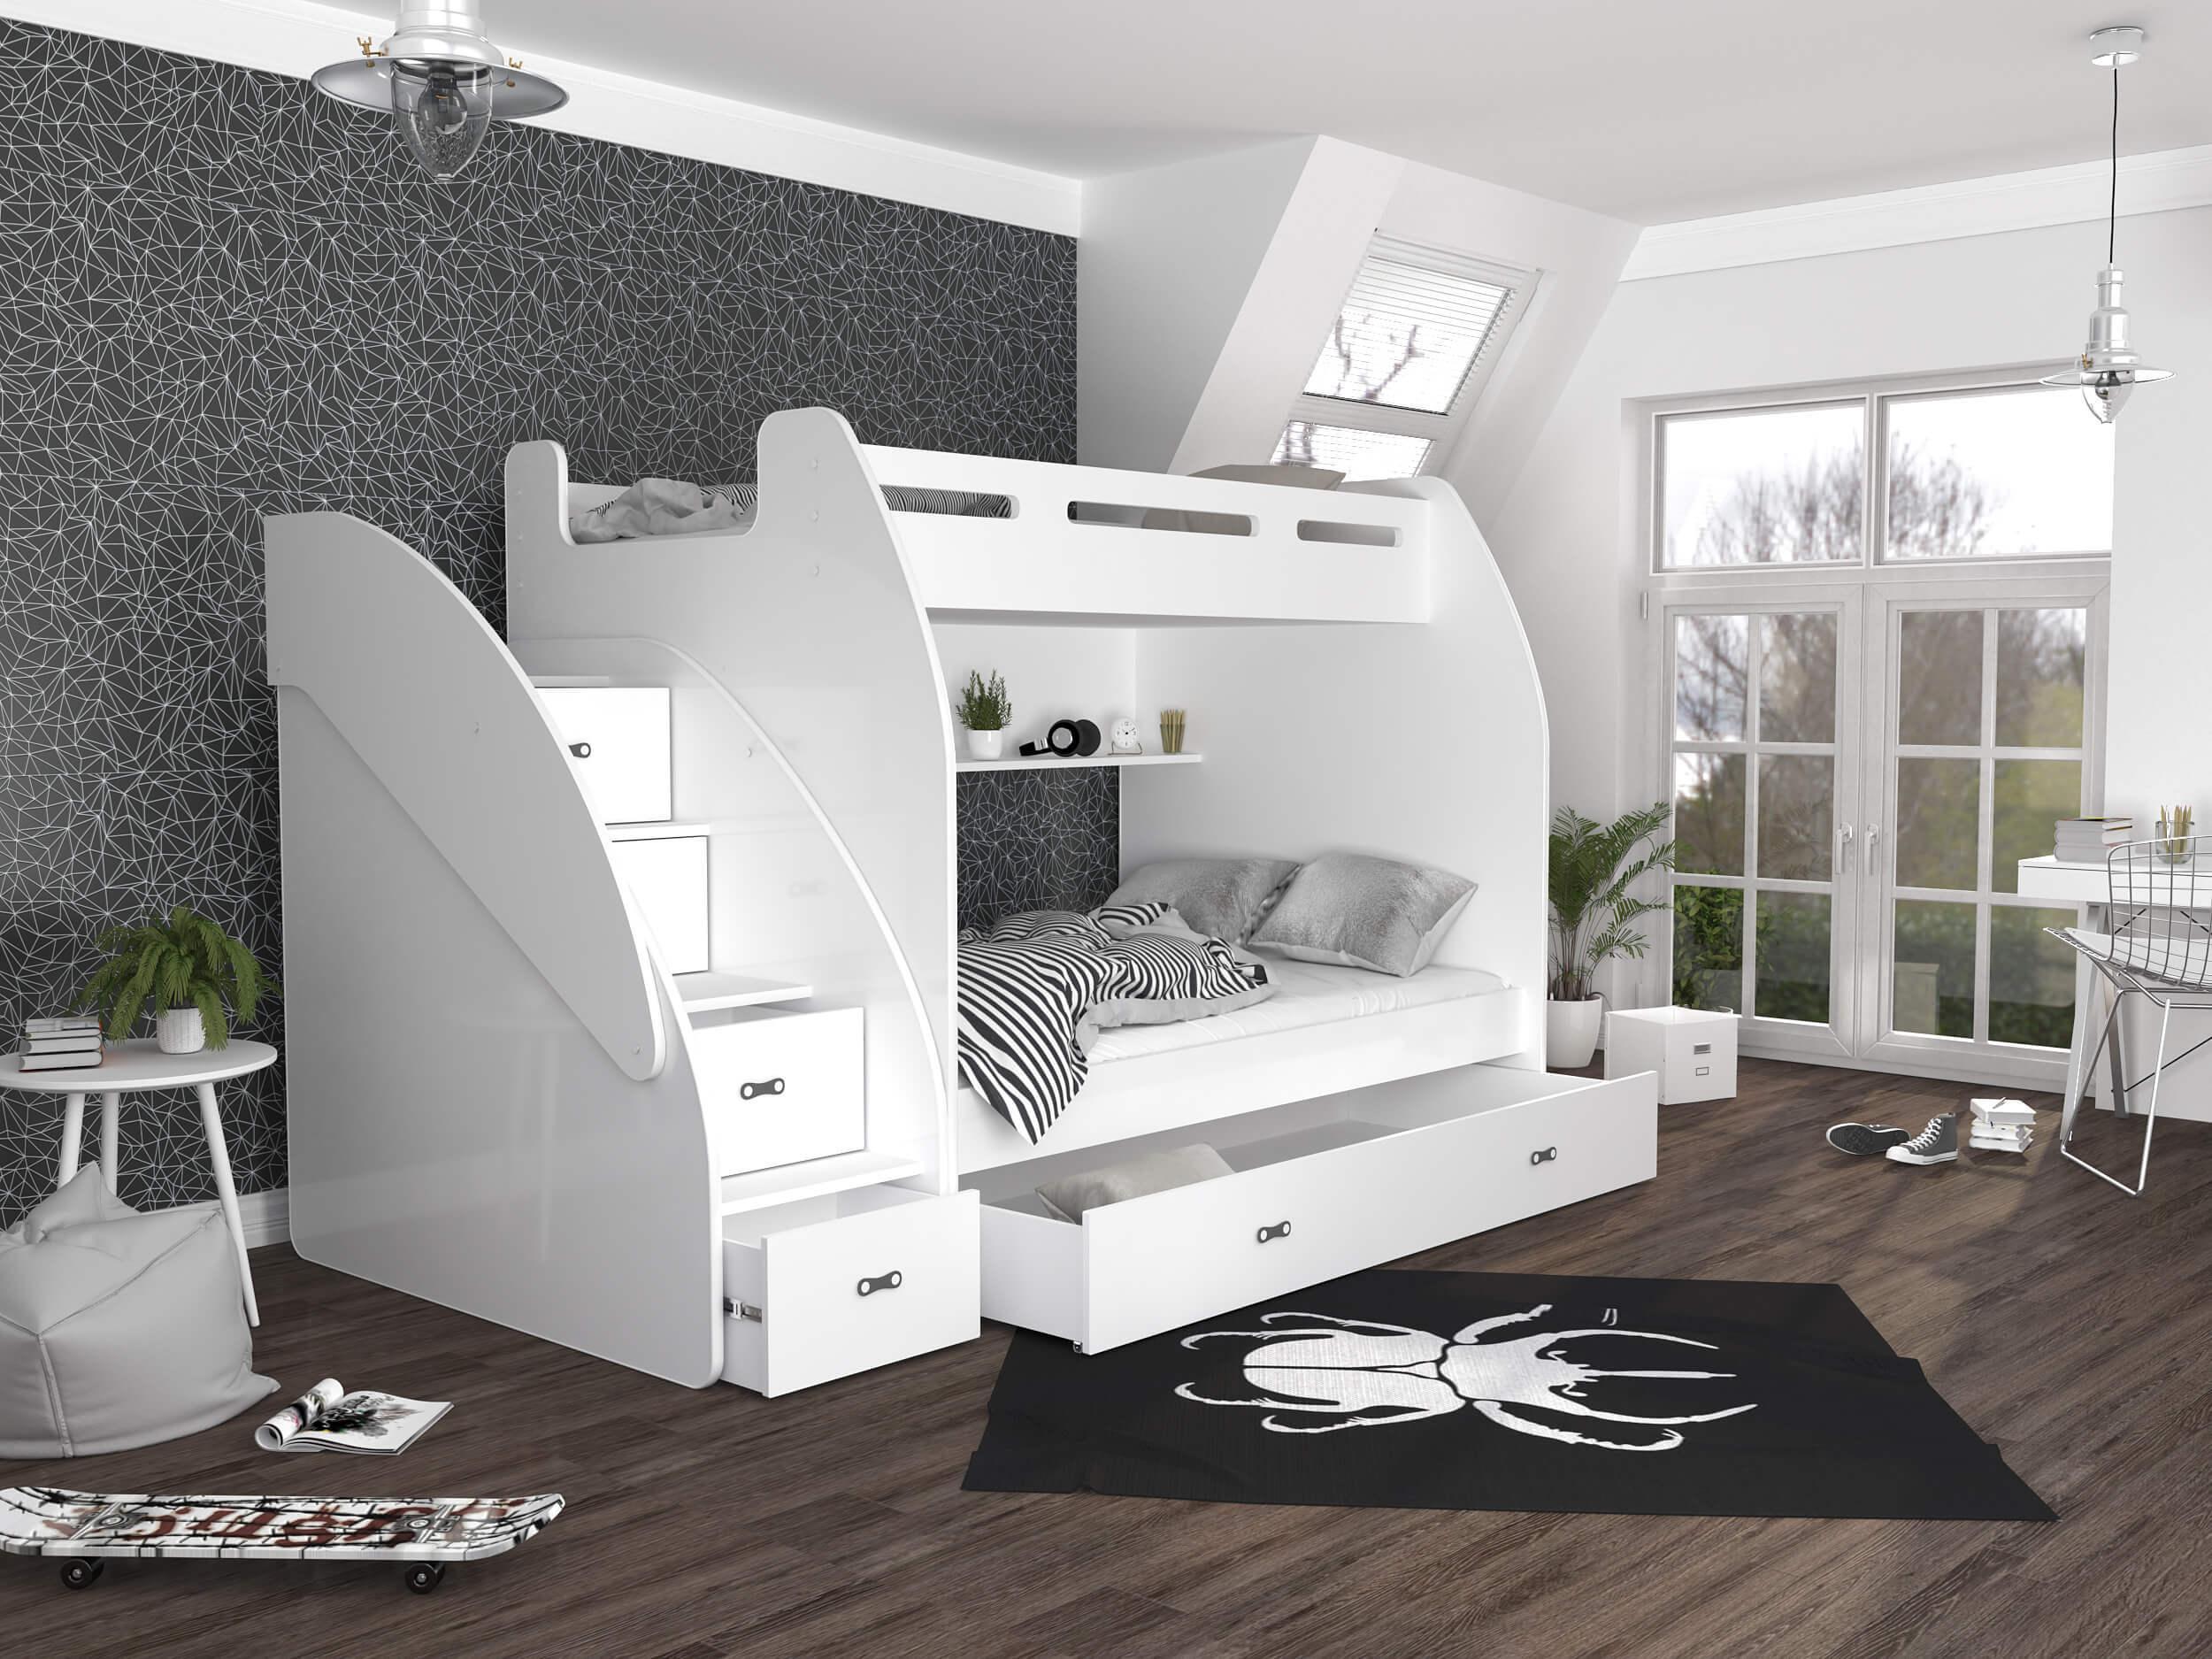 GL Multifunkčná poschodová posteľ Max 3 Farba: Biela